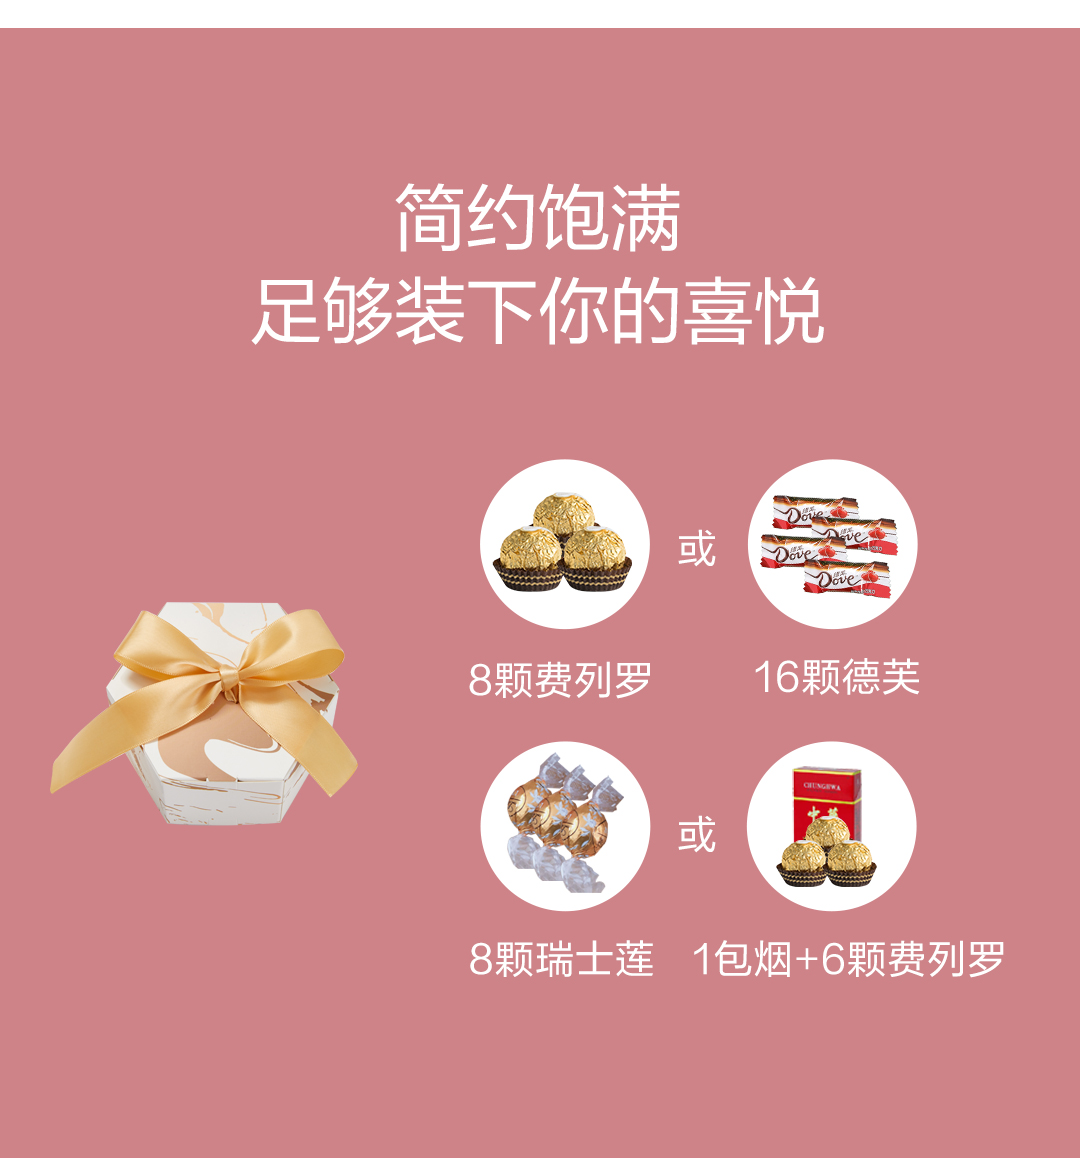 欧式六角形蛋糕喜糖盒